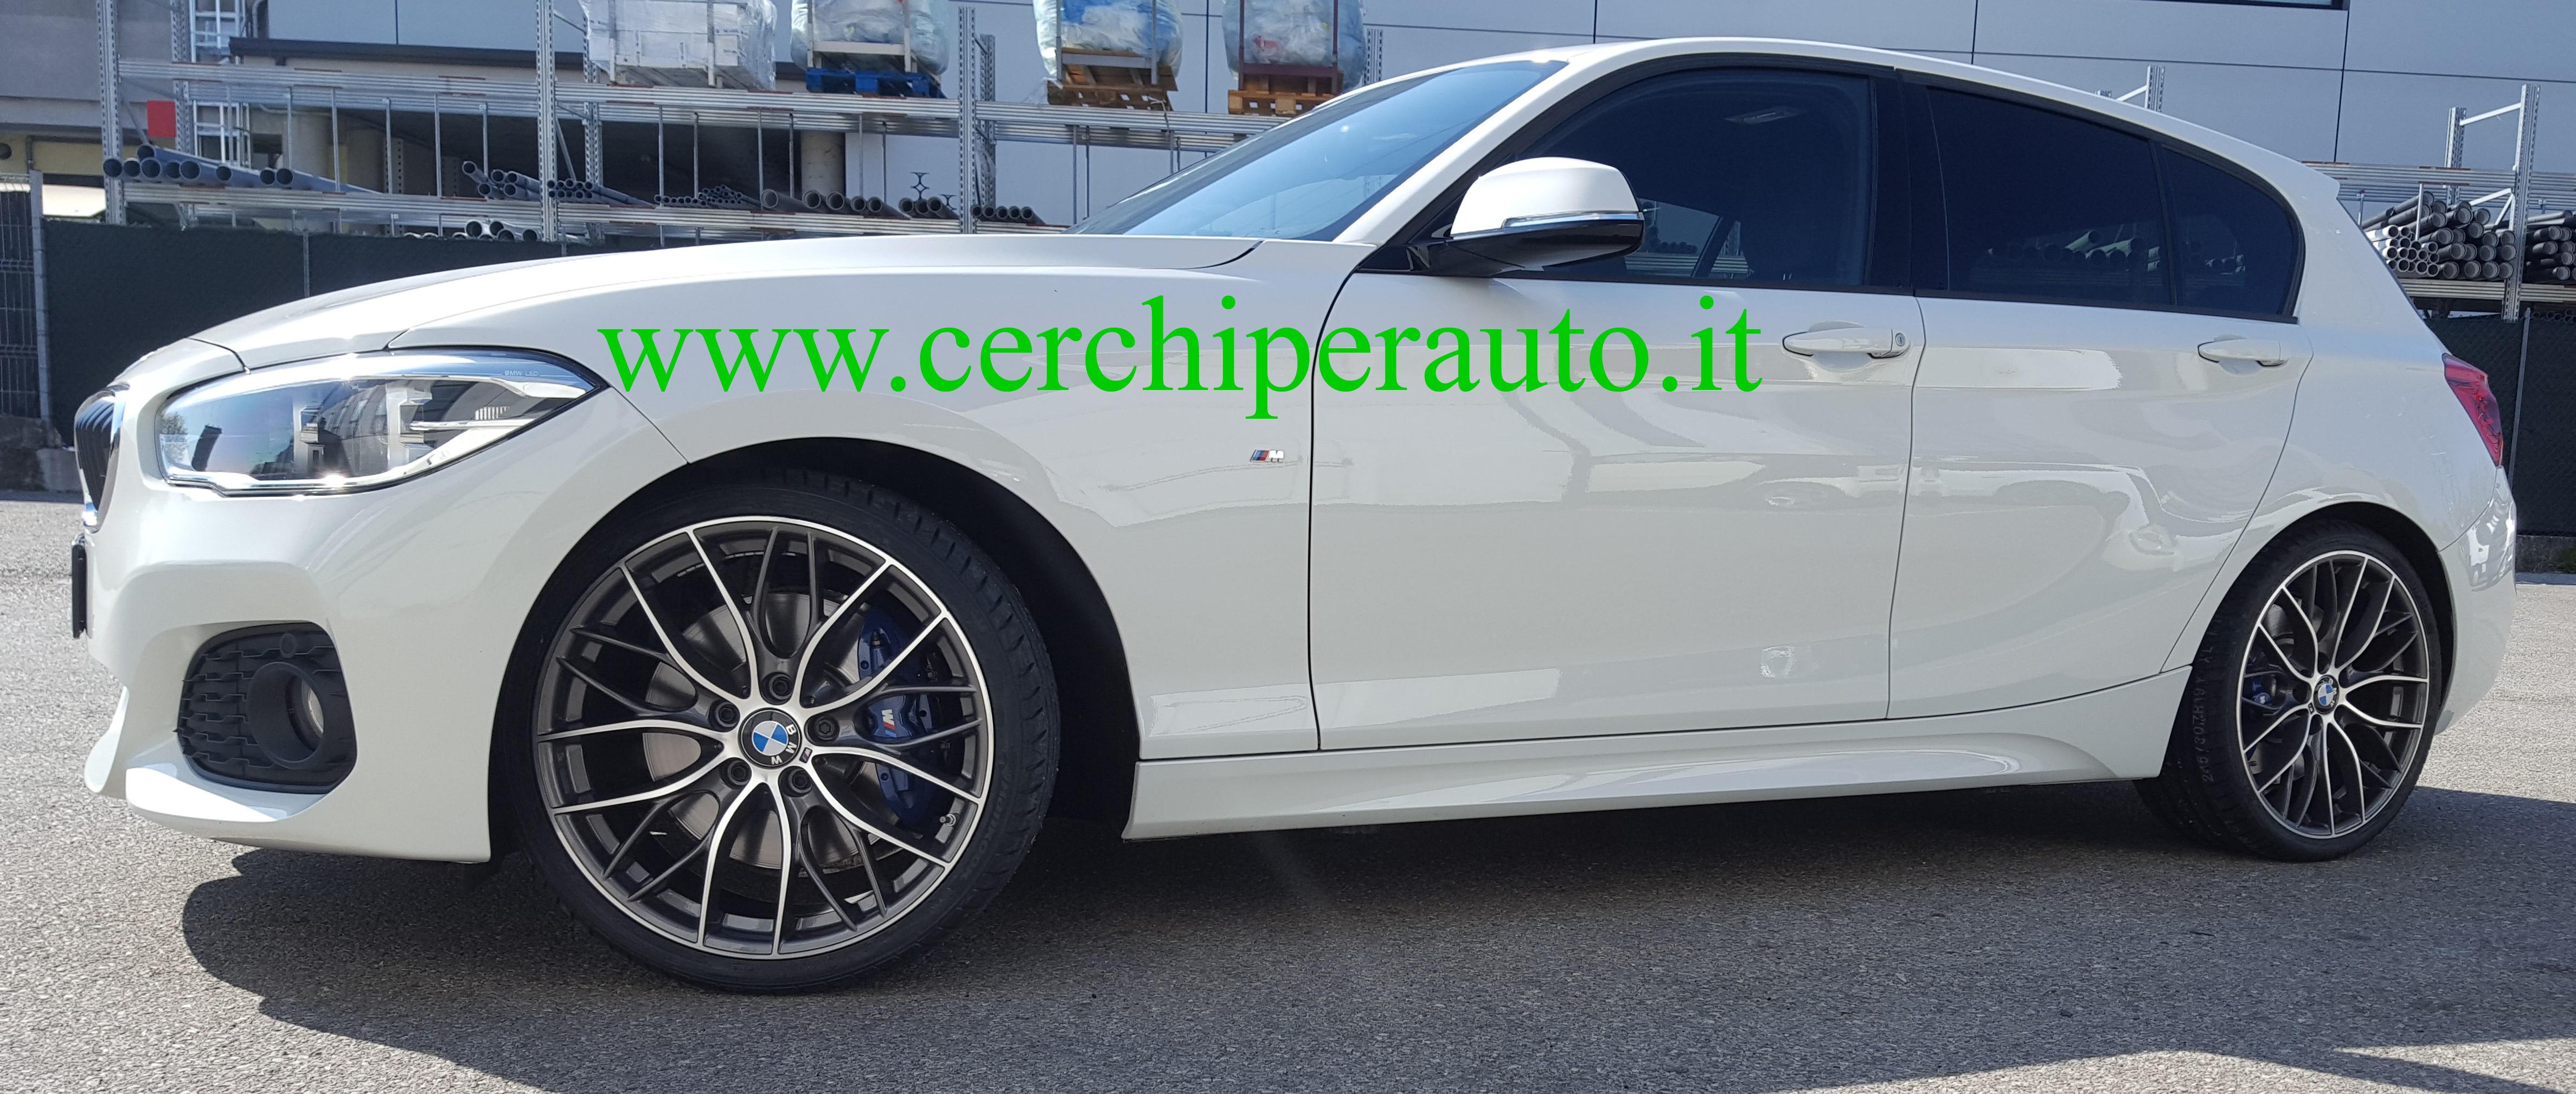 Cerchi per Auto - Cerchi in lega WSP Italy W678 Main su ...